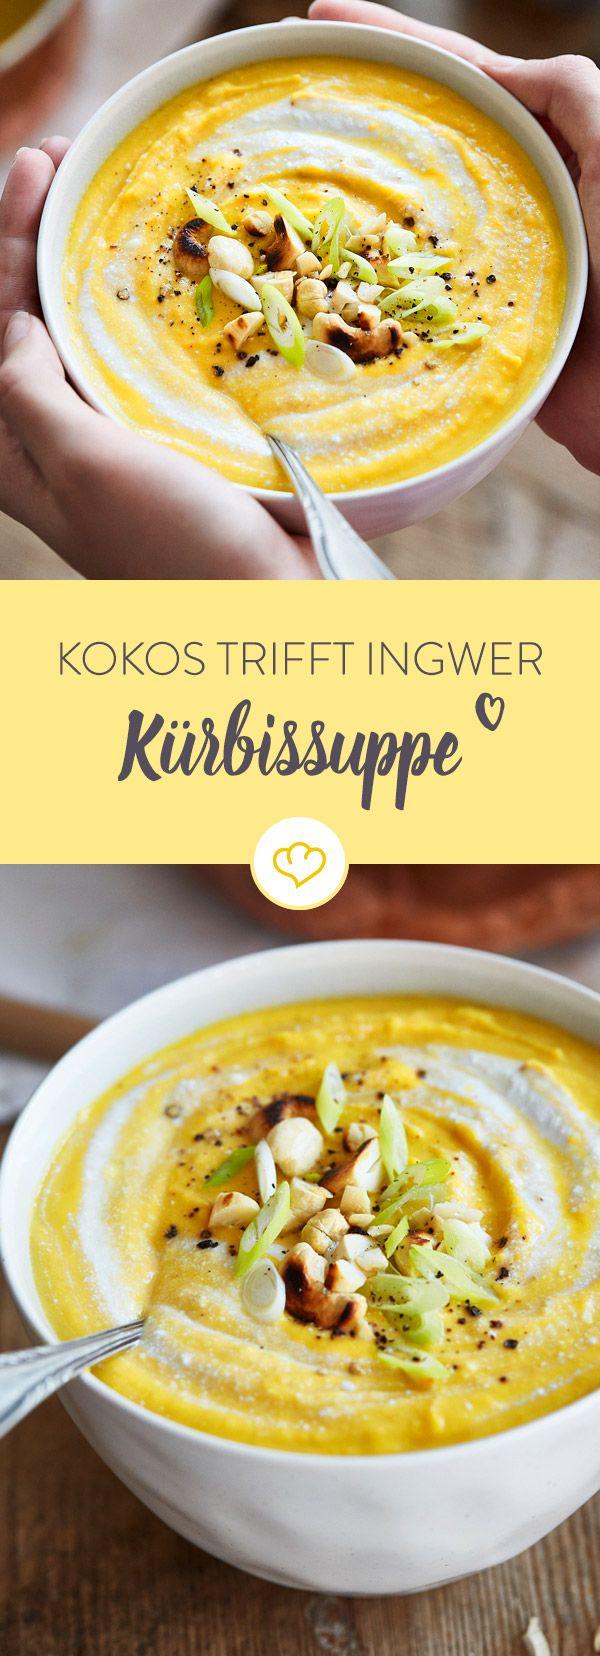 Einfache Zutaten, wenig aktives Kochen: Diese Kürbissuppe lässt sich bequem nach Feierabend zaubern und macht durch die Linsen auch noch richtig satt.